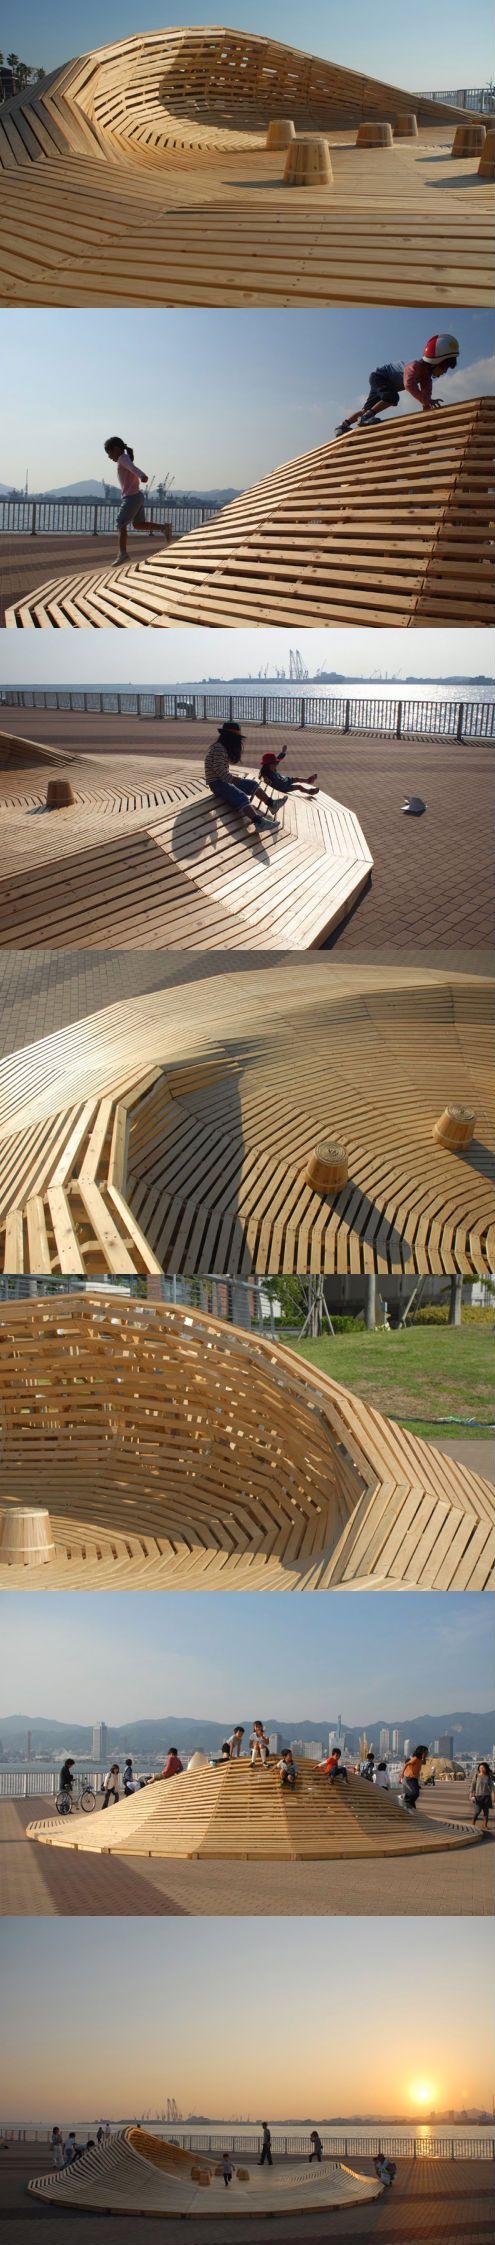 Kobe Bienalle 2011, Japan____Crater Lake, urban installation/playground